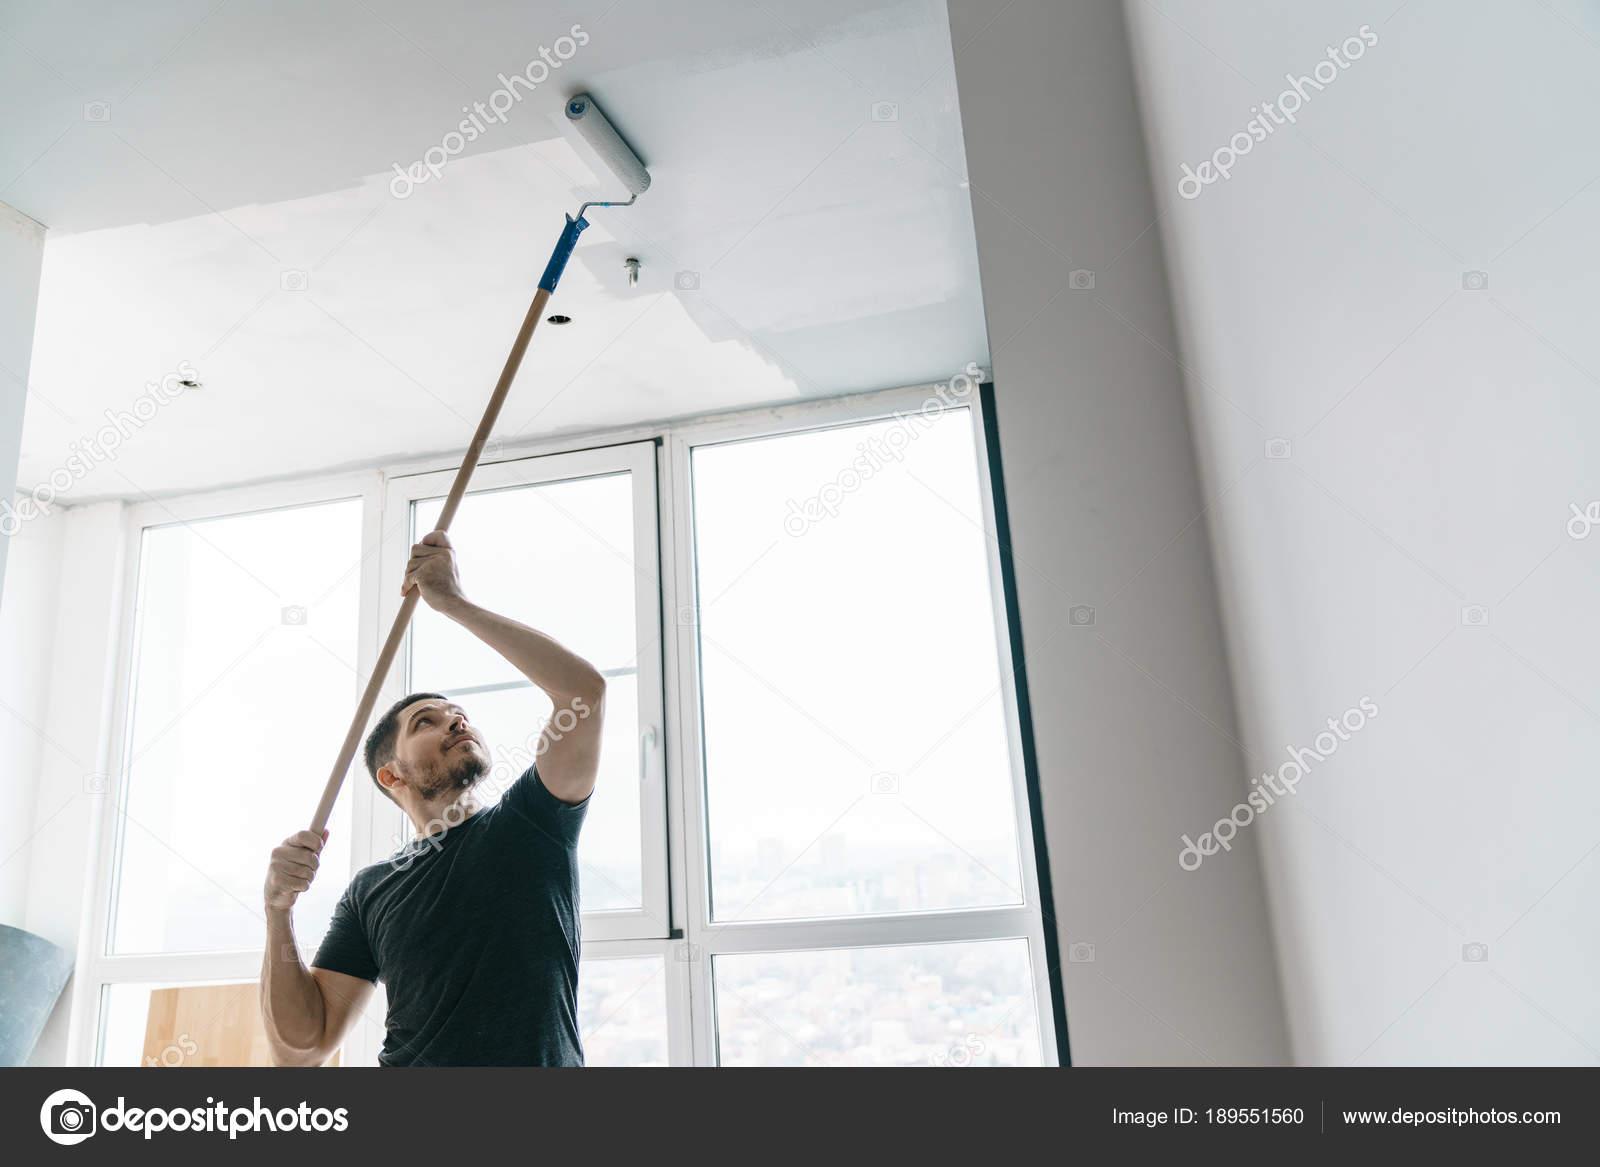 Homme Peint Les Murs Plafond Gris Sur Son Balcon Dans Photographie